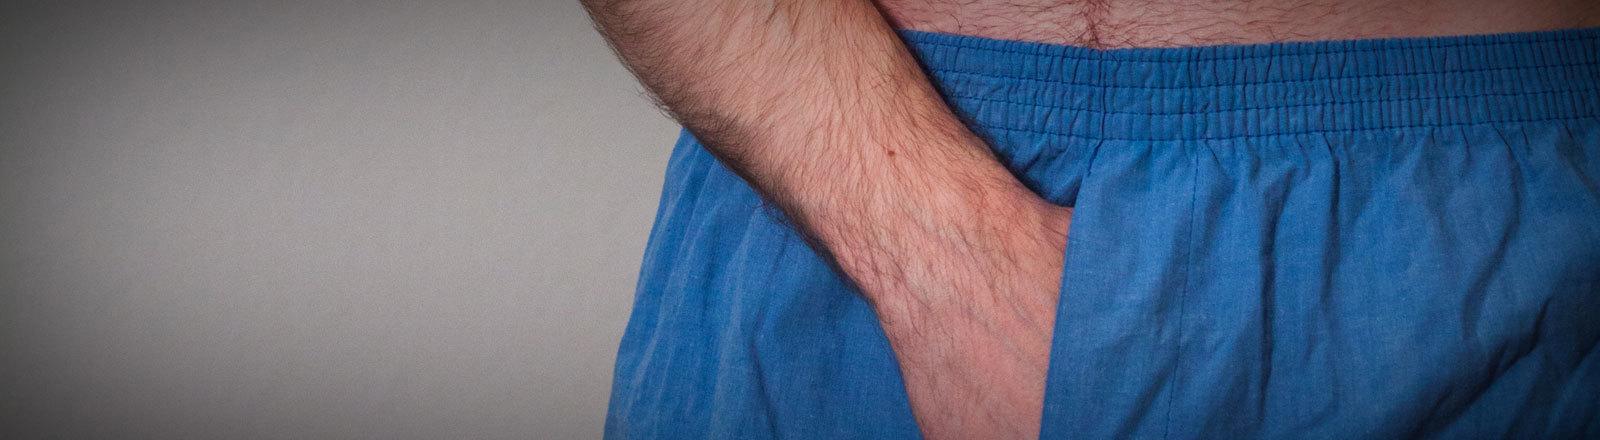 Mann greift sich in Unterhose.